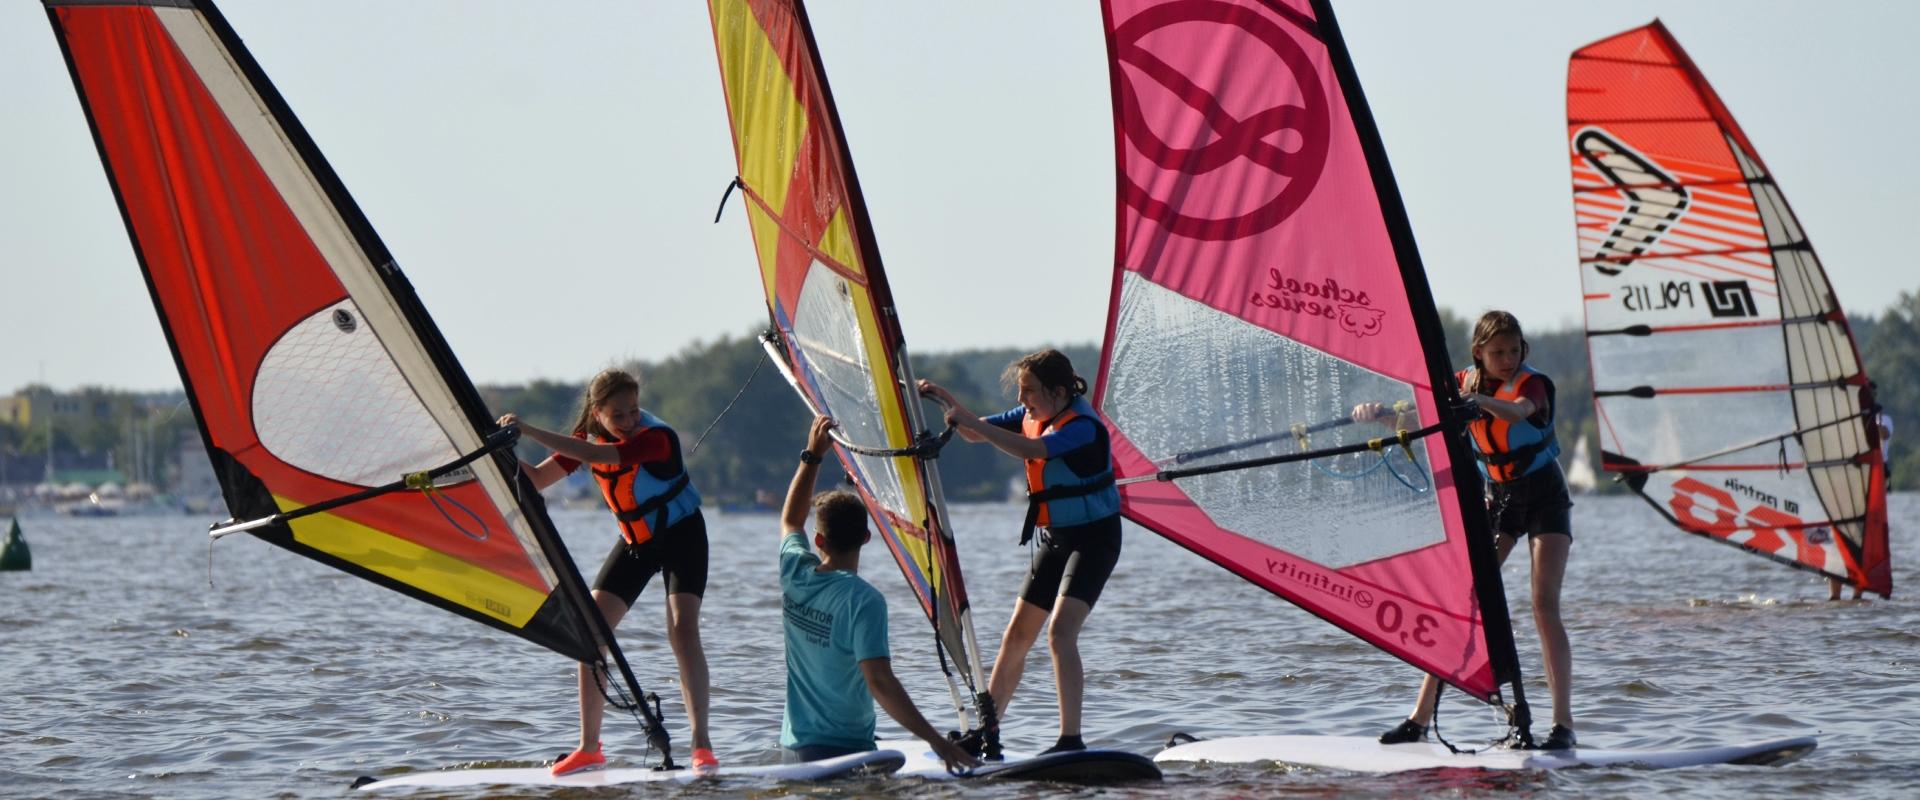 Lsurf windsurfing zegrze dla dzieci polokolonie